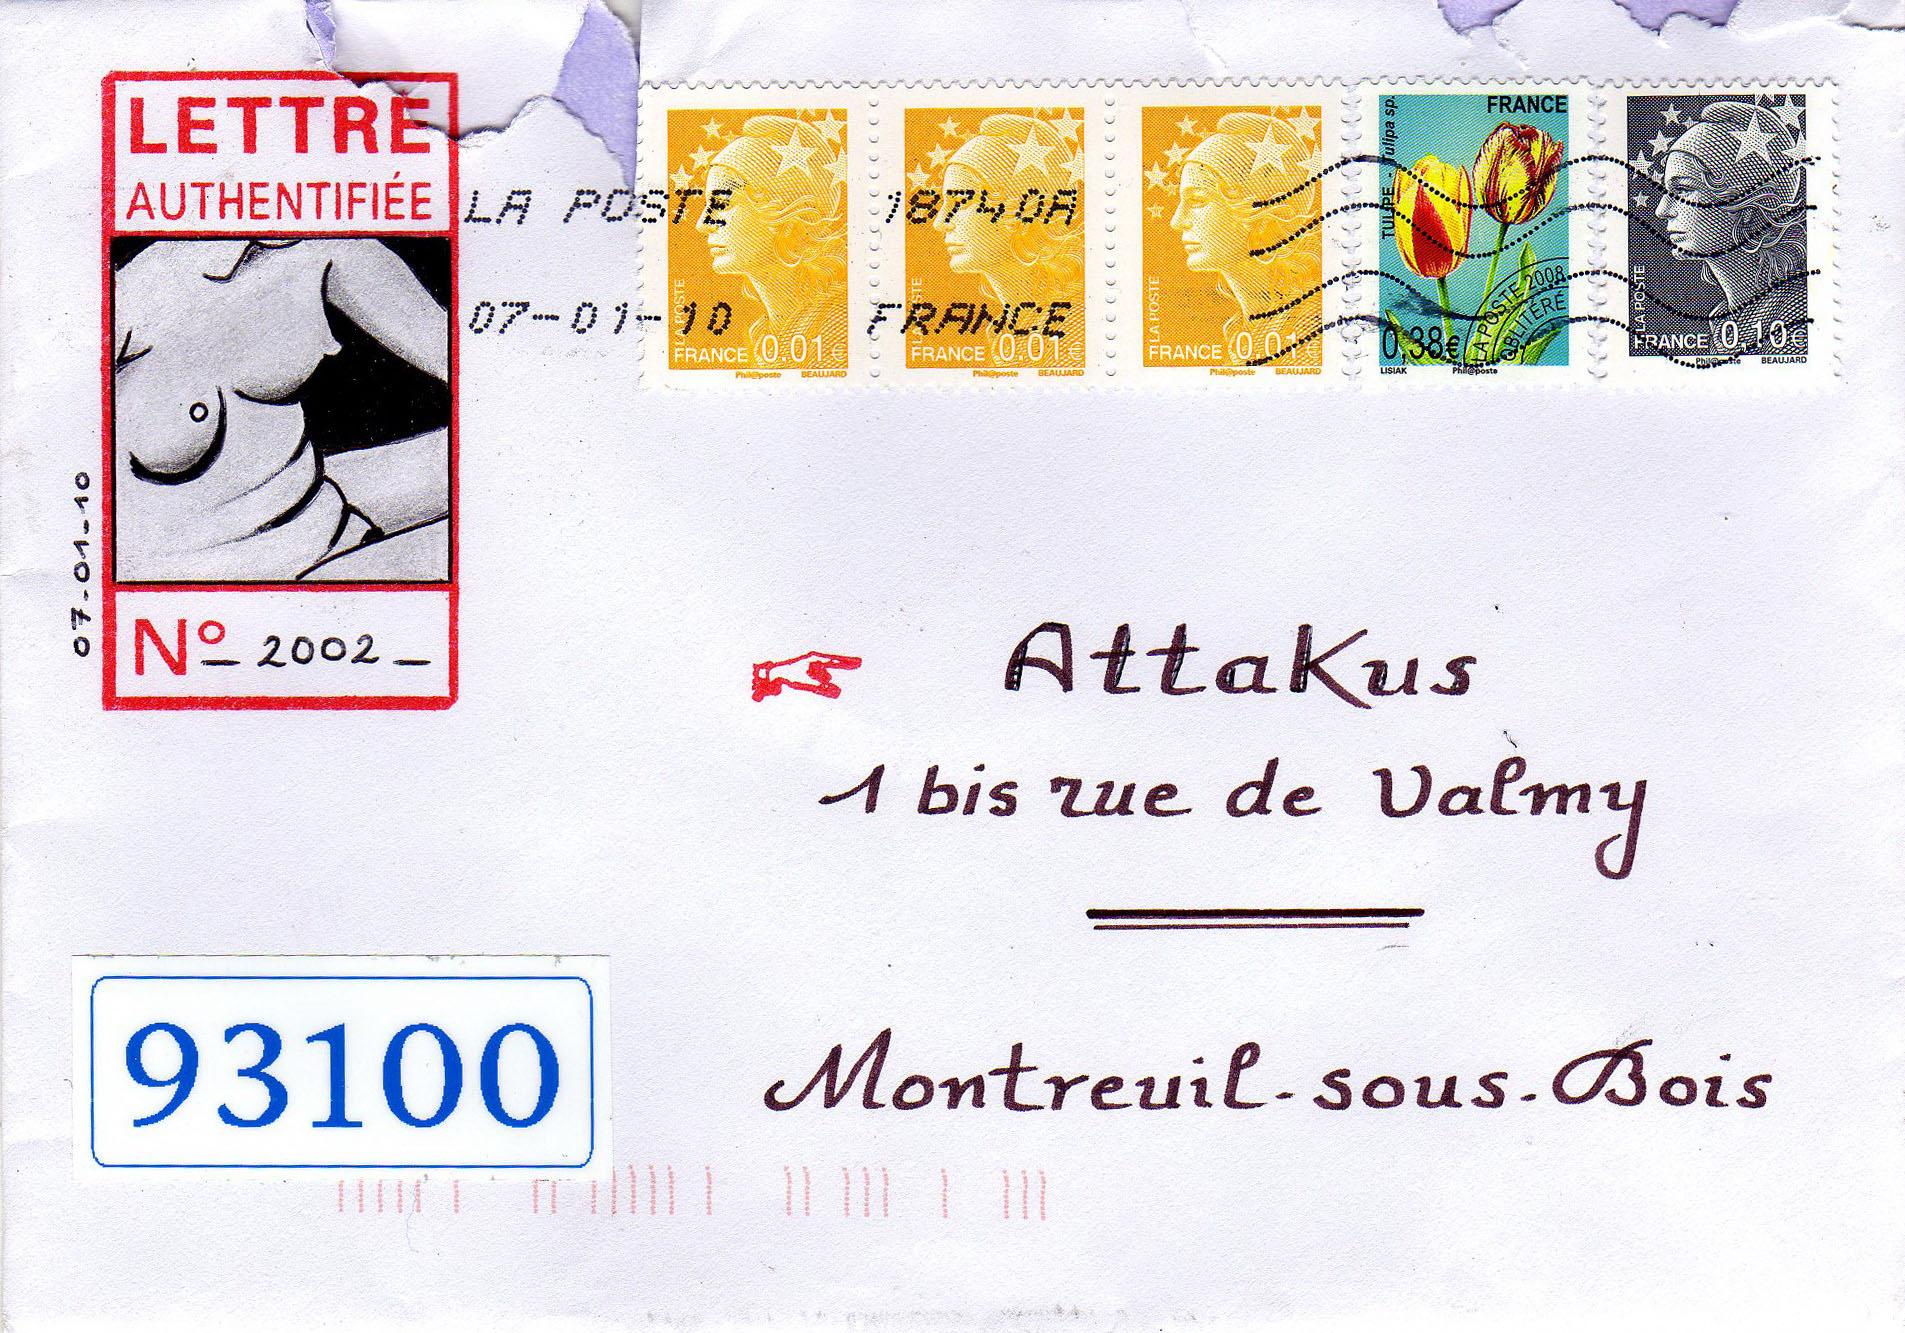 http://www.hubertdelartigue.com/Attakus/lettreanonyme/clue3.jpg